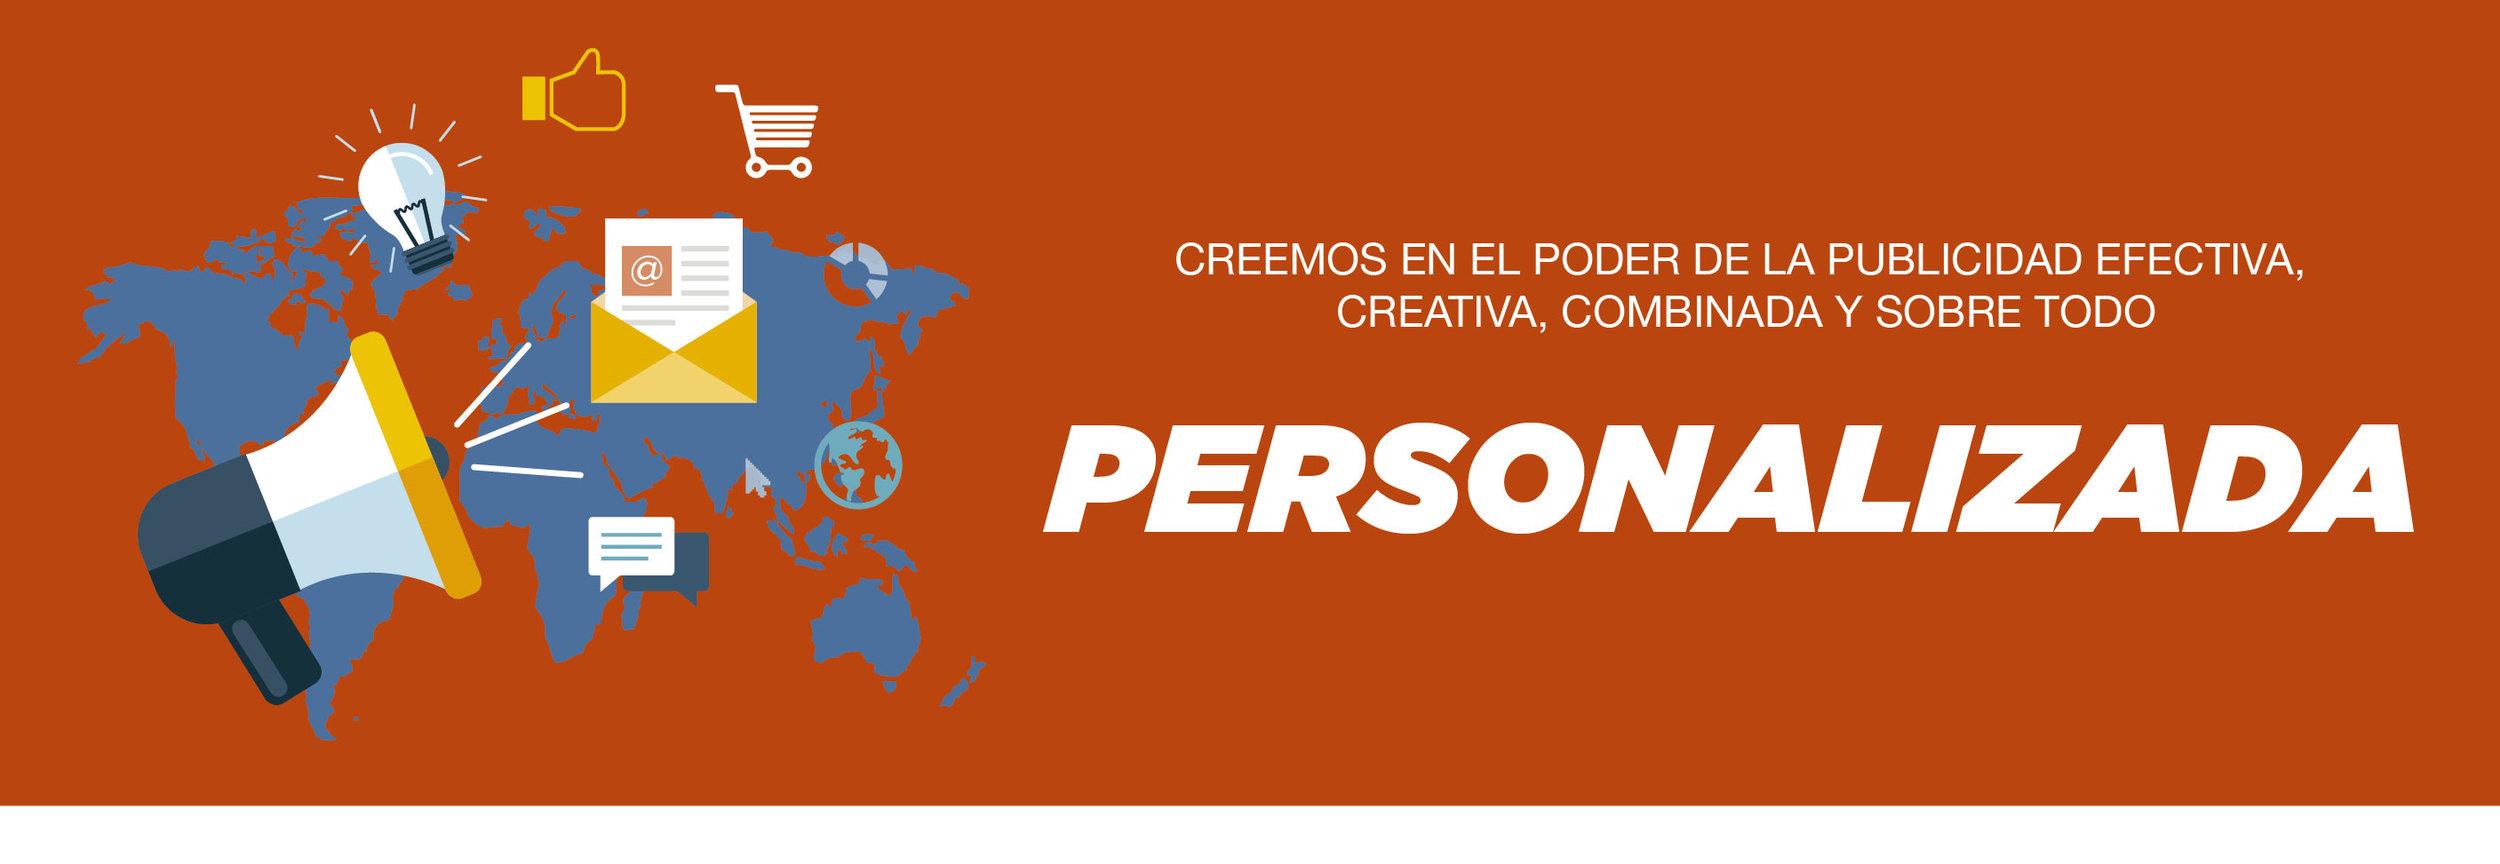 publicidad-personalizada.jpg